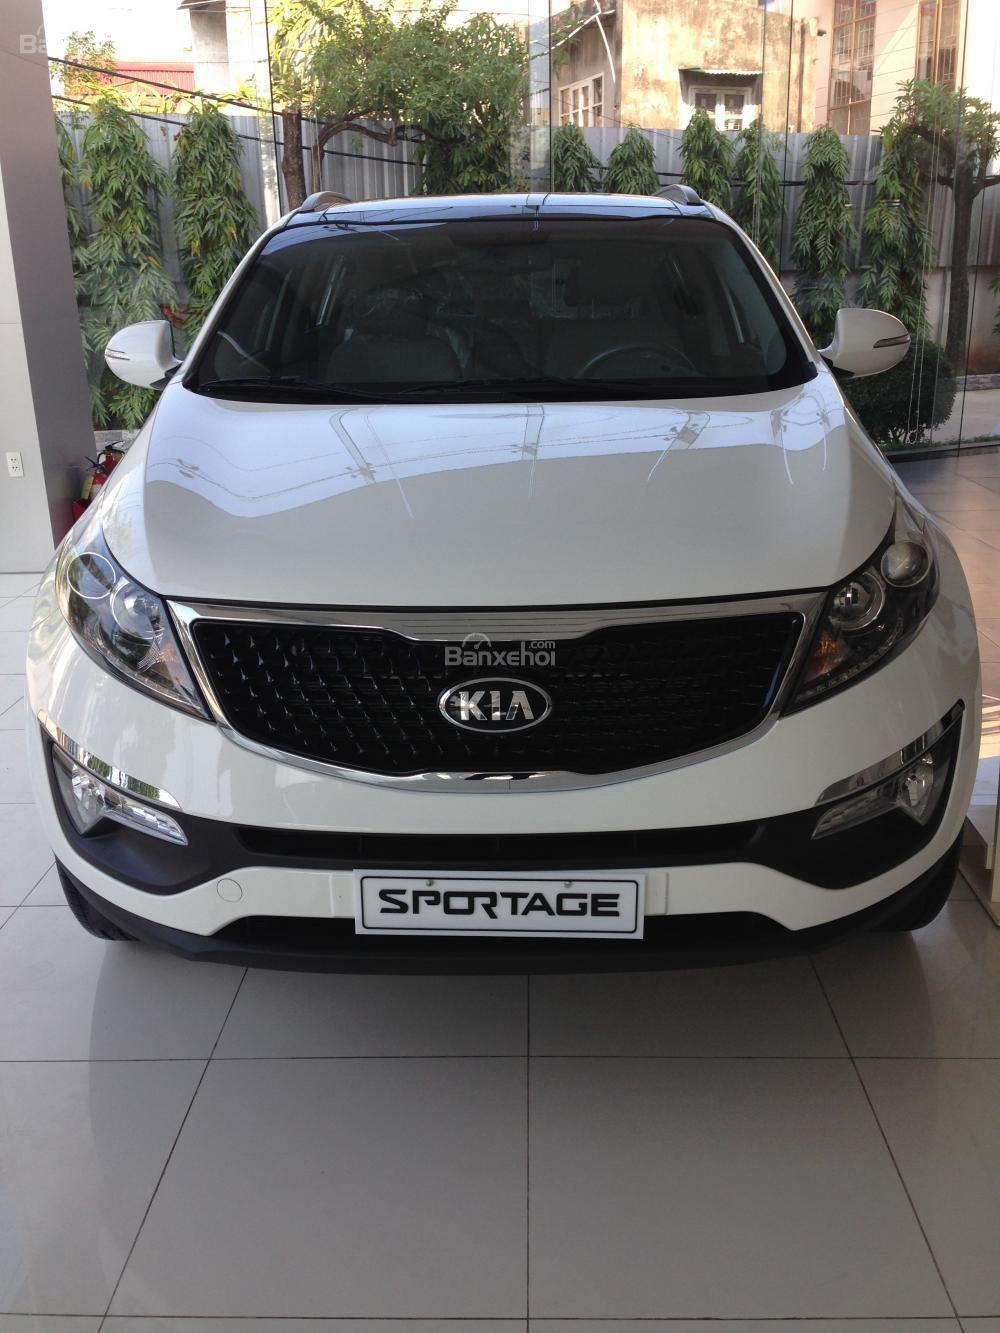 Bán xe Kia Sportage đời 2015, màu trắng, nhập khẩu chính hãng, giá 835tr-2